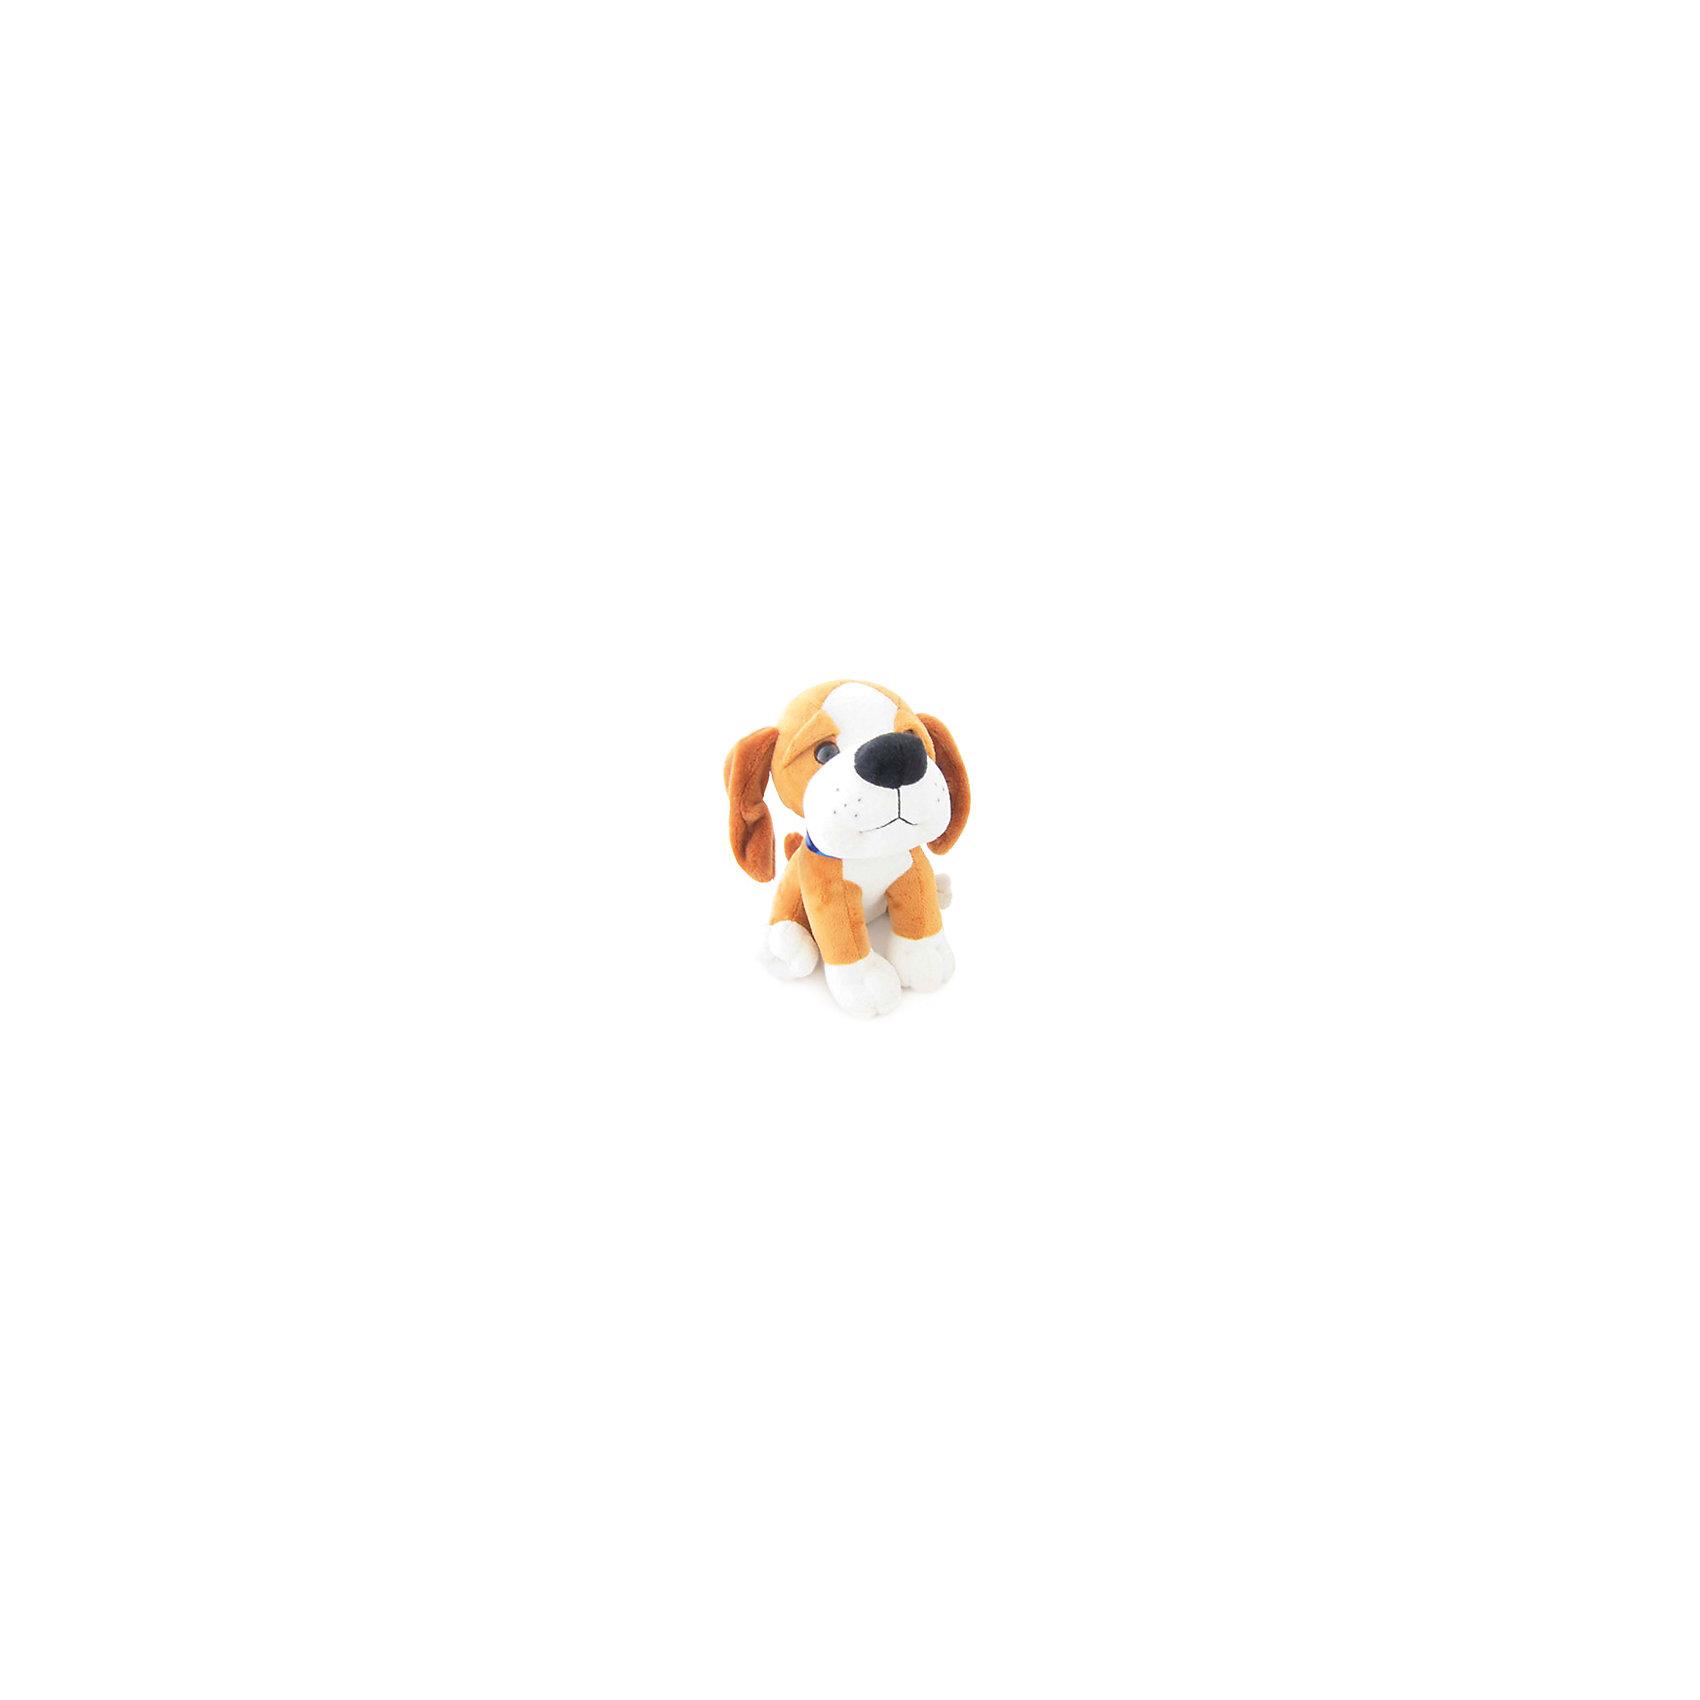 Щенок Рекс, музыкальный, 20 см., LAVAЭтот милый щенок приведет в восторг любого ребенка! Щенка зовут Рекс, он очень мягкий, приятный на ощупь и умеет петь веселую песенку. Игрушка изготовлена из высококачественного материала, абсолютно безопасного для детей. <br><br>Дополнительная информация:<br><br>- Материал: искусственный мех, текстиль, синтепон, пластик.<br>- Высота: 20 см. <br>- Поет песенку (Щенок с косточкой...).<br>- Элемент питания: батарейка (в комплекте).<br><br>Щенка Рекс, музыкального, 20 см., LAVA (ЛАВА) можно купить в нашем магазине.<br><br>Ширина мм: 150<br>Глубина мм: 150<br>Высота мм: 200<br>Вес г: 258<br>Возраст от месяцев: 36<br>Возраст до месяцев: 1188<br>Пол: Унисекс<br>Возраст: Детский<br>SKU: 4444126